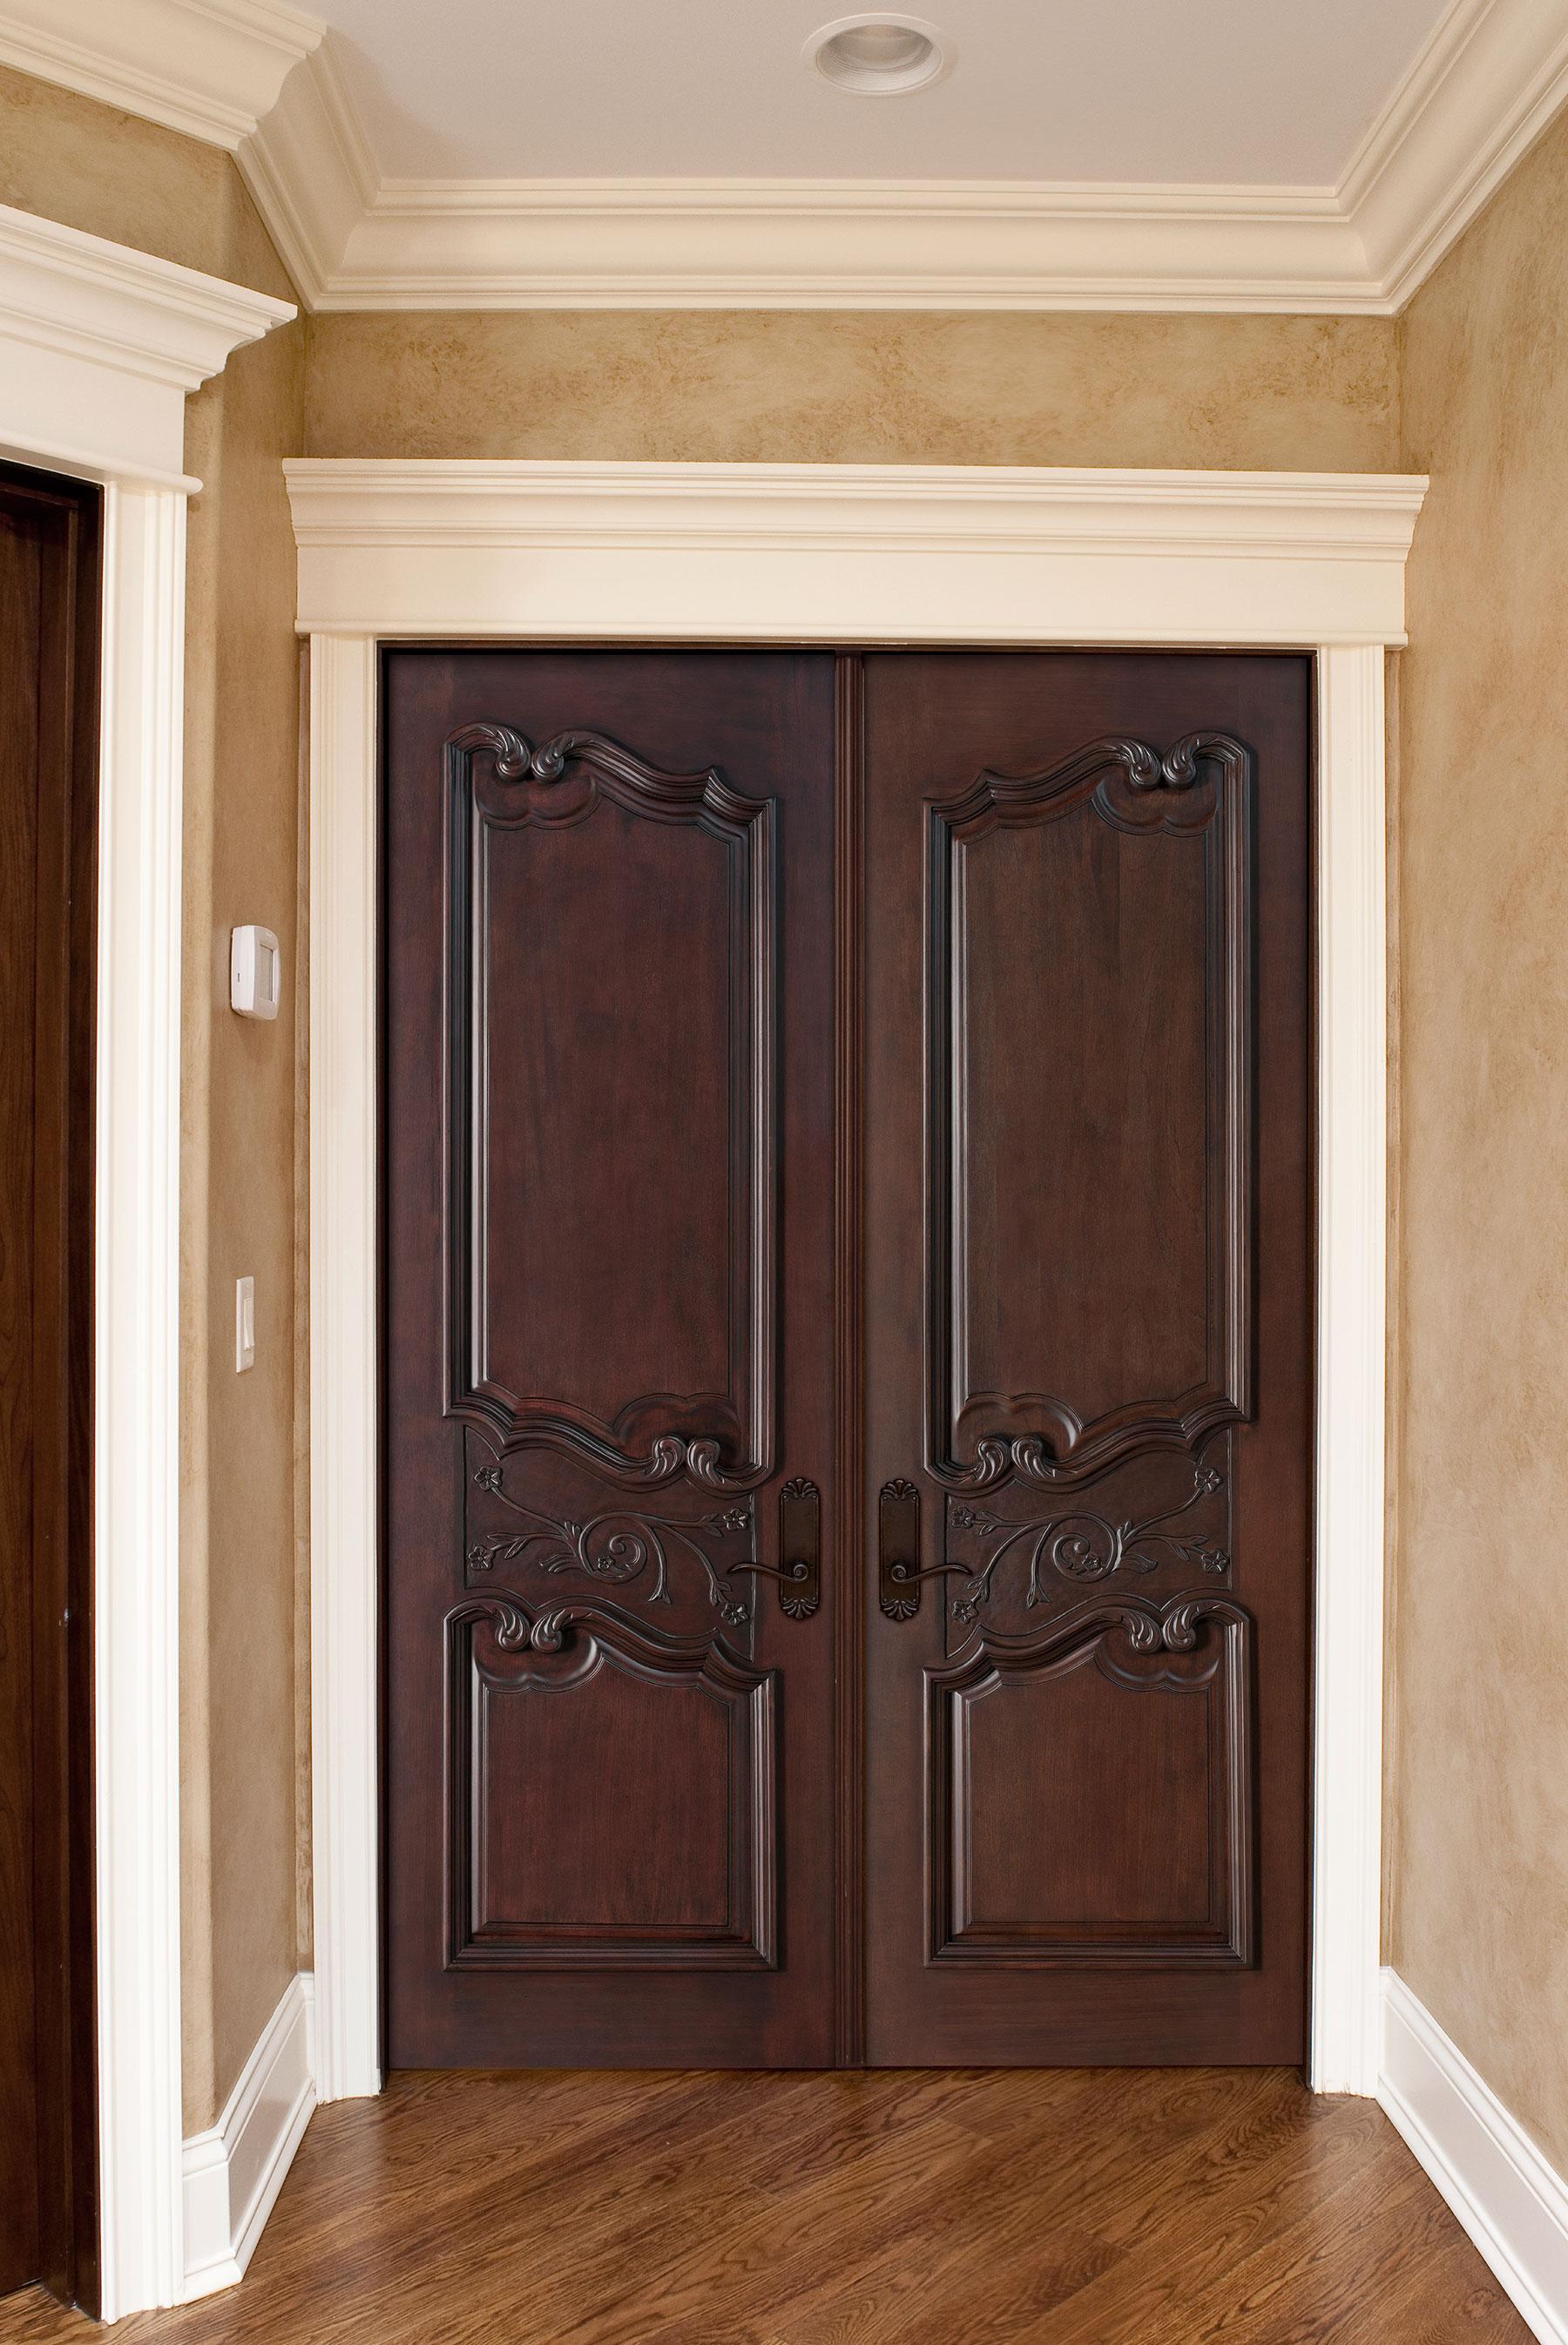 Custom Wood Interior Doors | Custom Interior Wood Door with Detailed Carving DBI-9000 - Glenview Doors - Custom Doors in Chicago